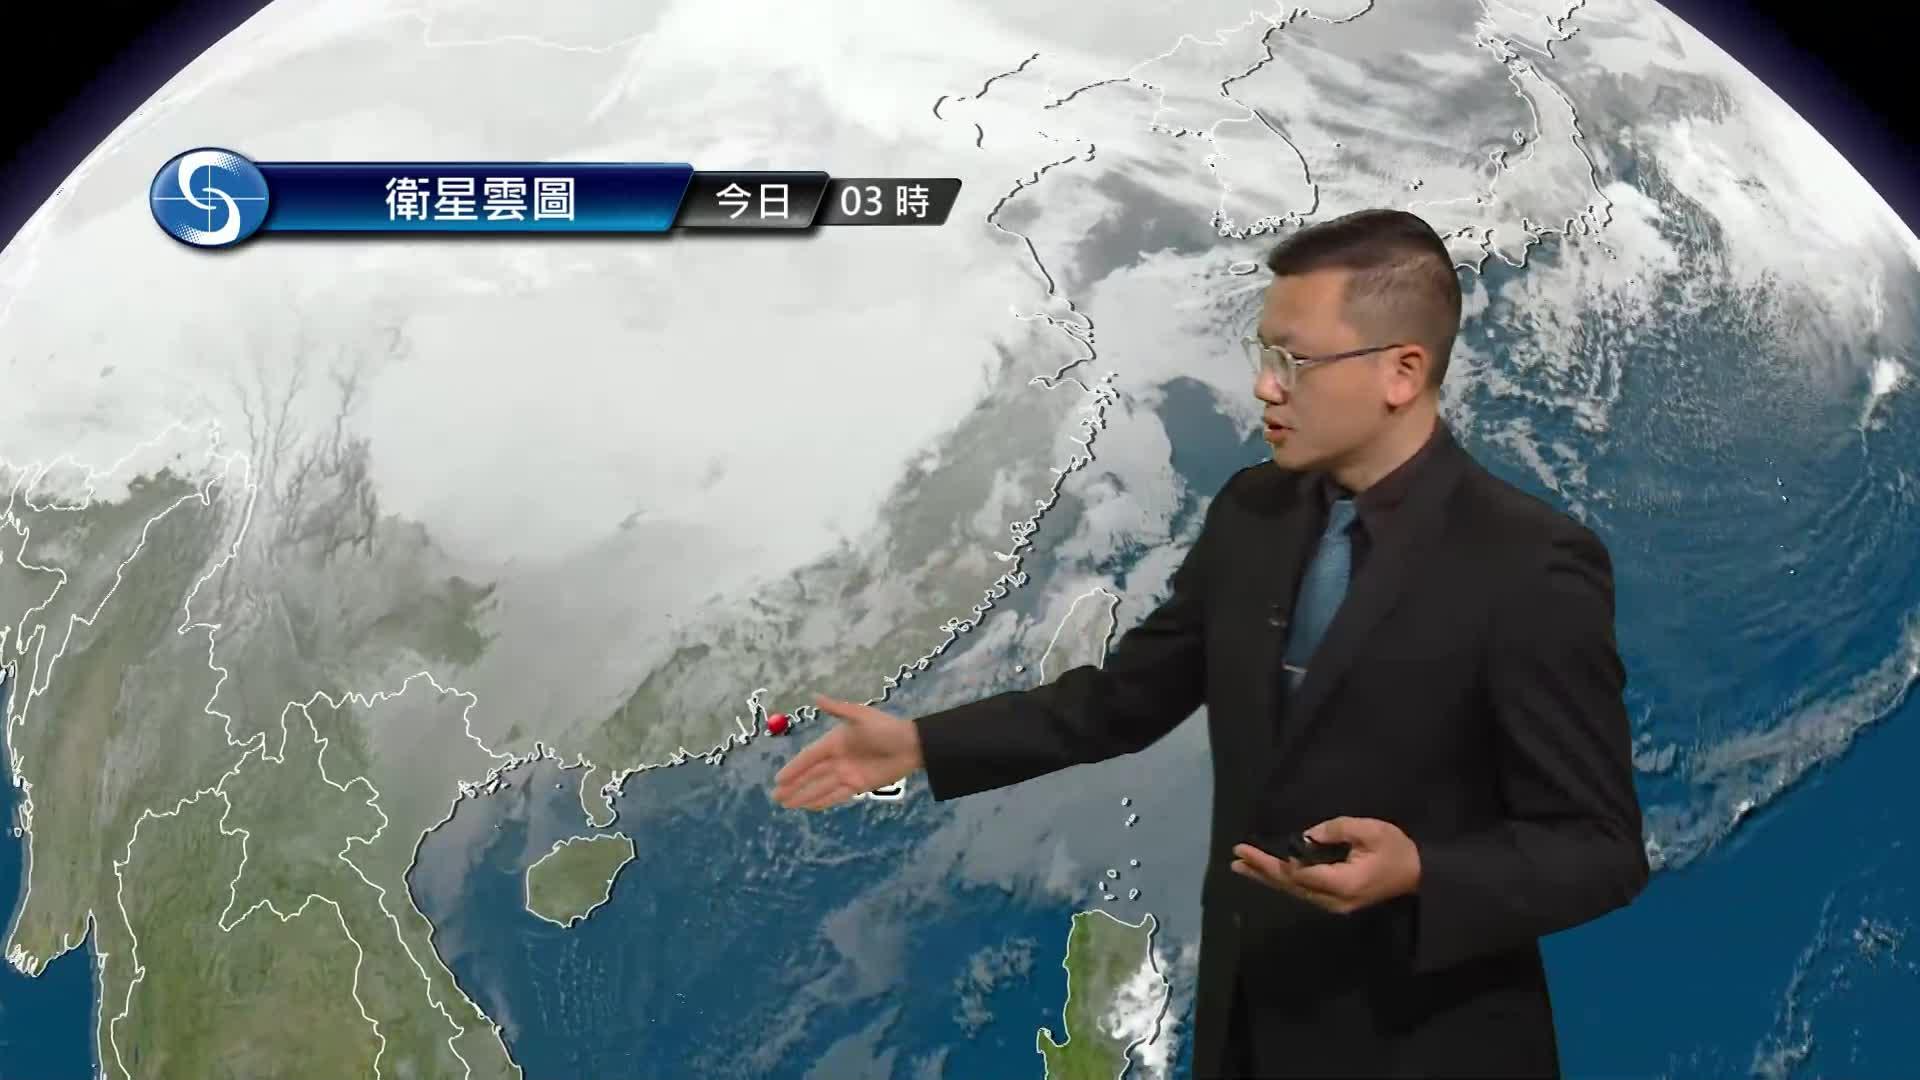 早晨天氣節目(01月25日上午8時) - 科學主任陳兆偉